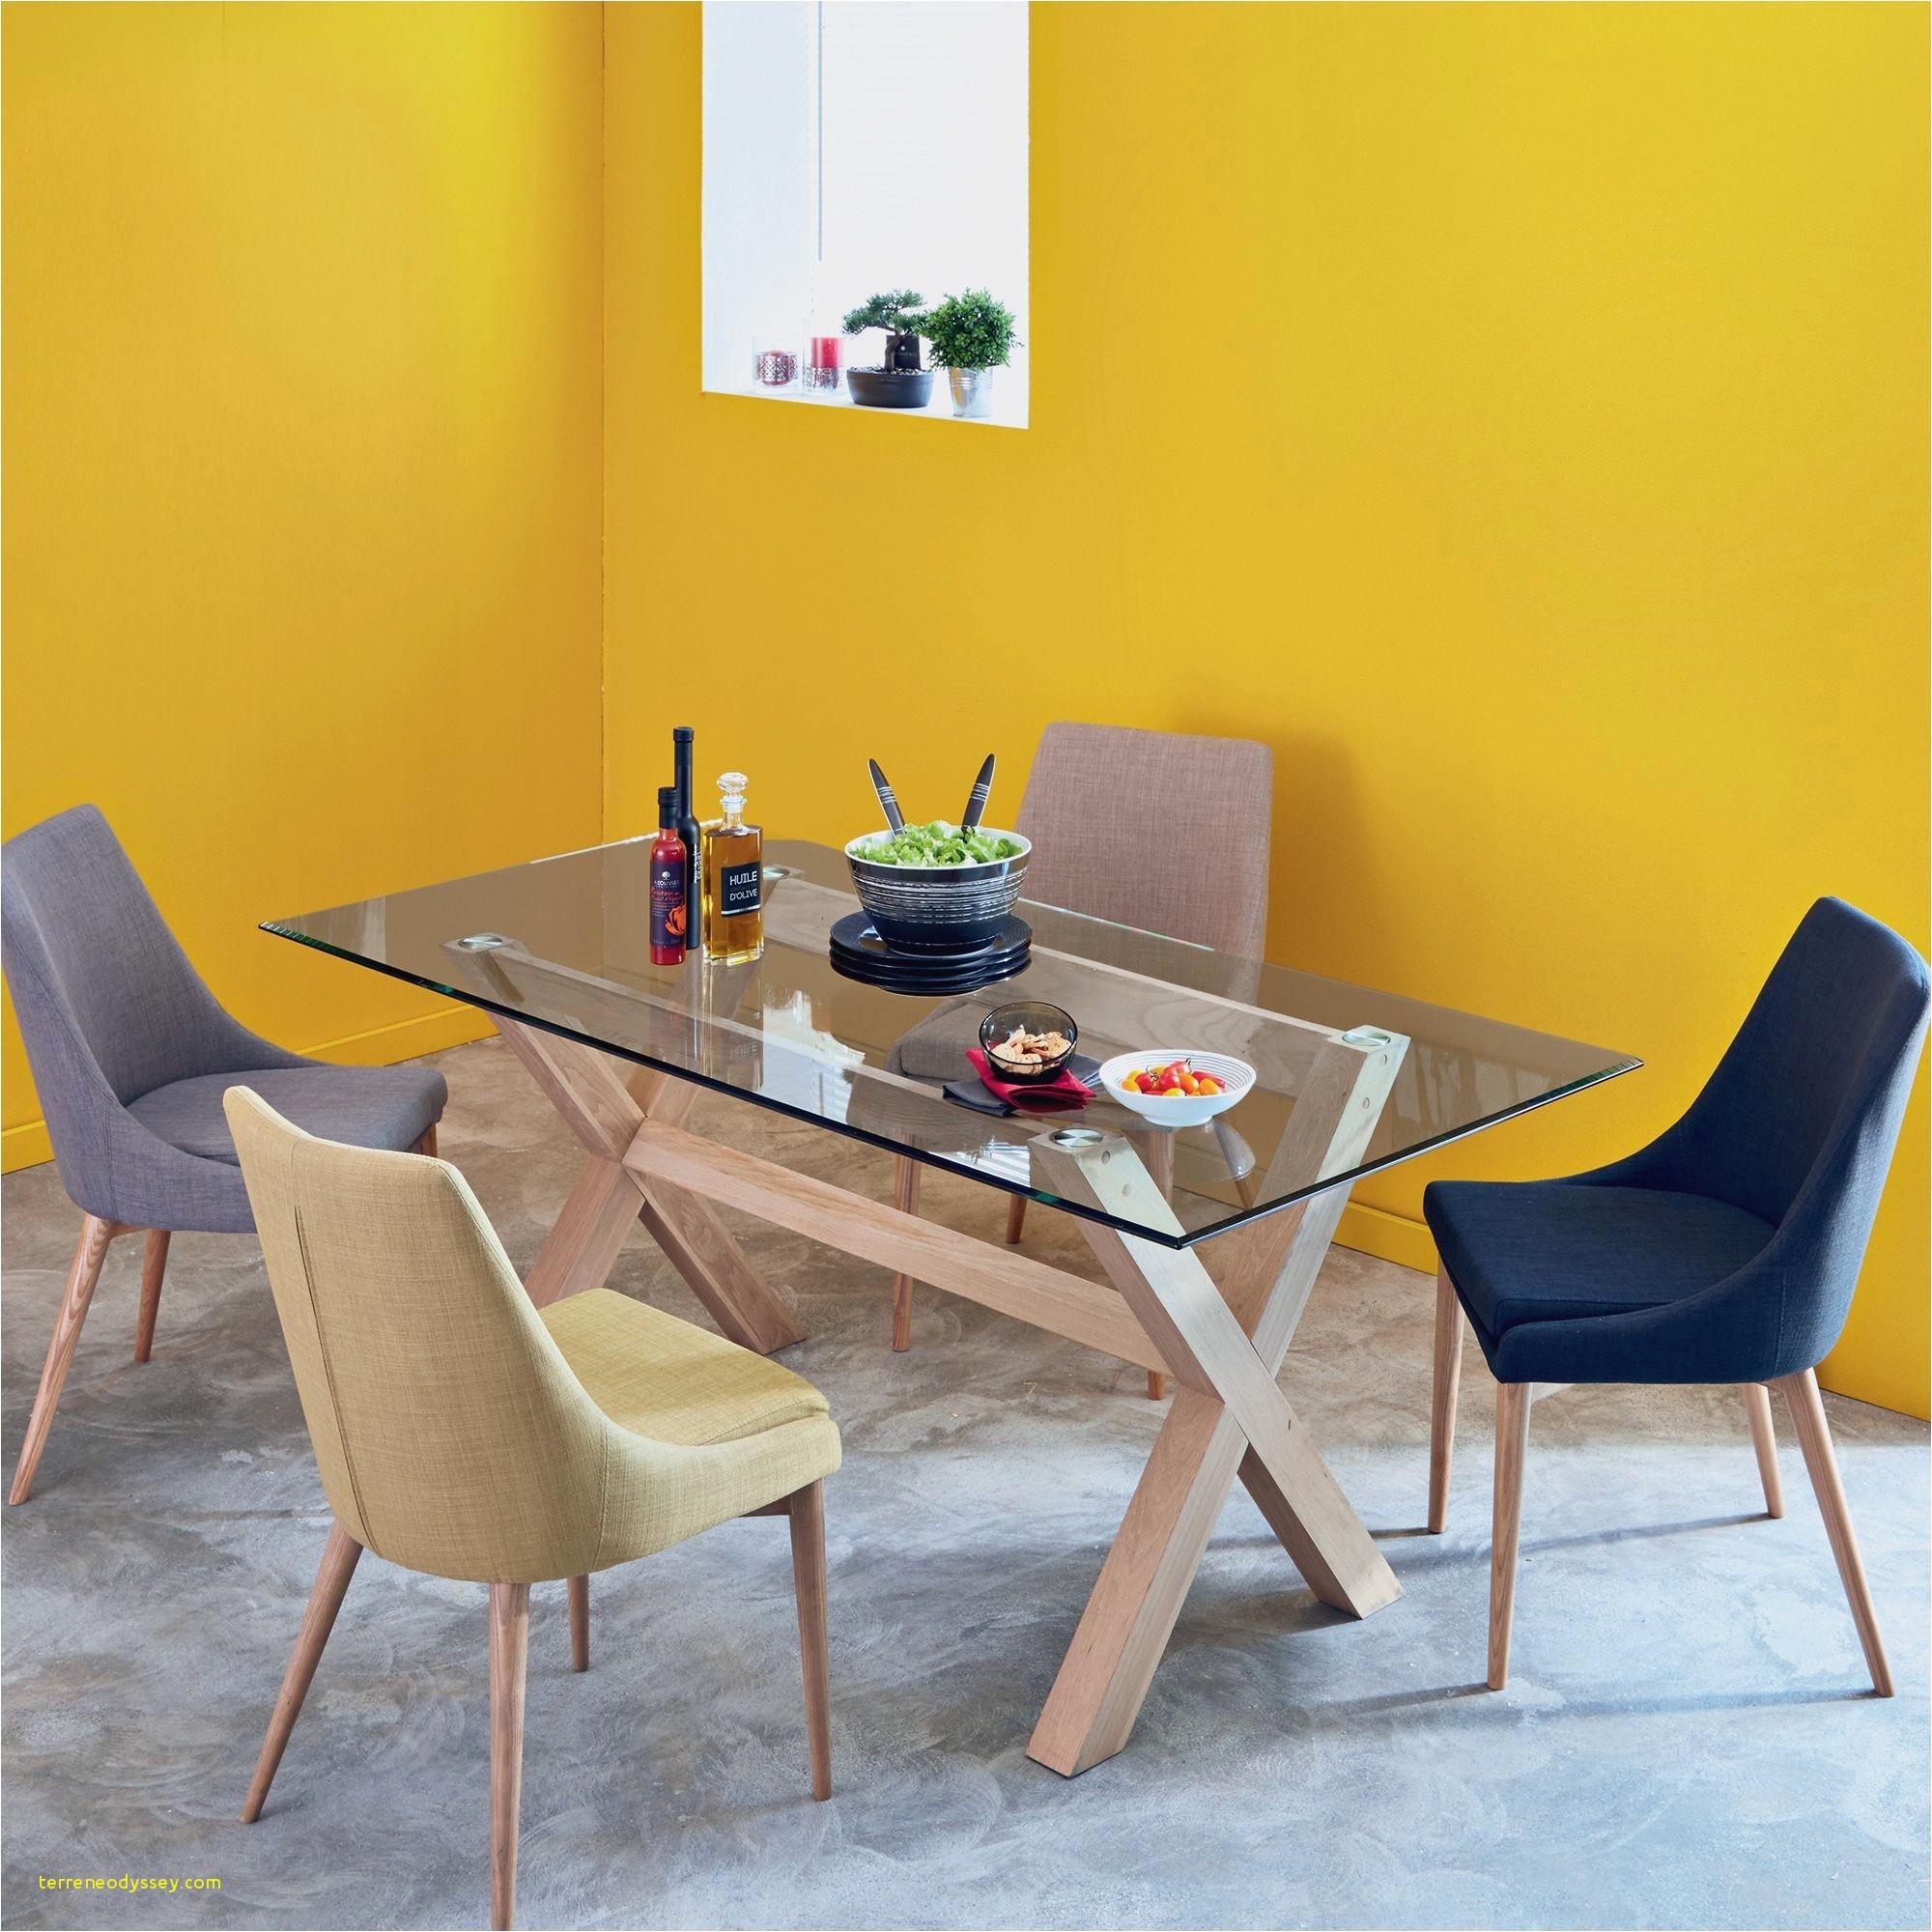 meuble salon design haut de gamme mobilier outdoor haut de gamme meuble de jardin beautifultable of meuble salon design haut de gamme